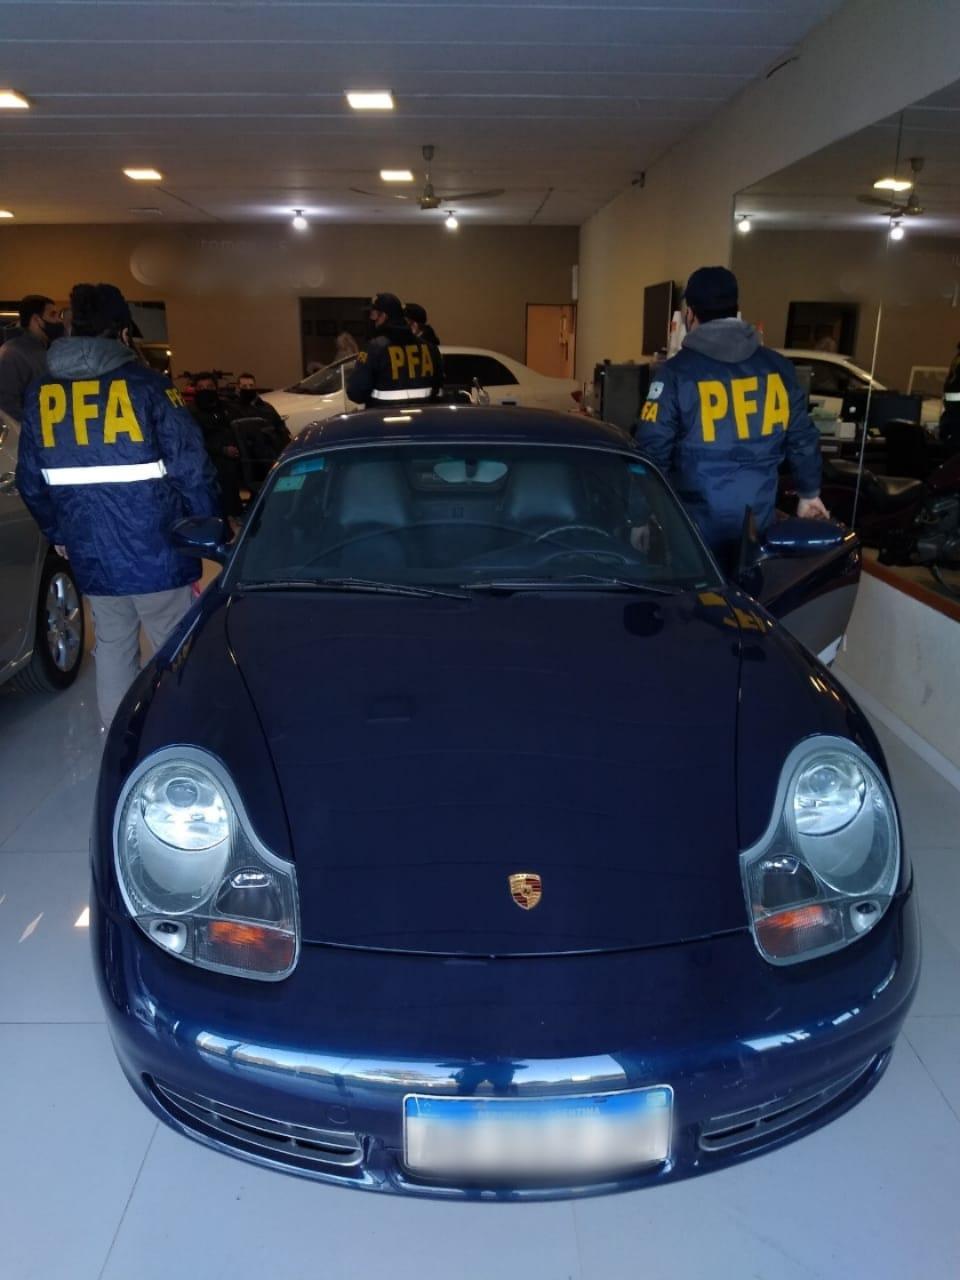 La Policía Federal desbarató una organización que importaba vehículos de alta gama de manera irregular